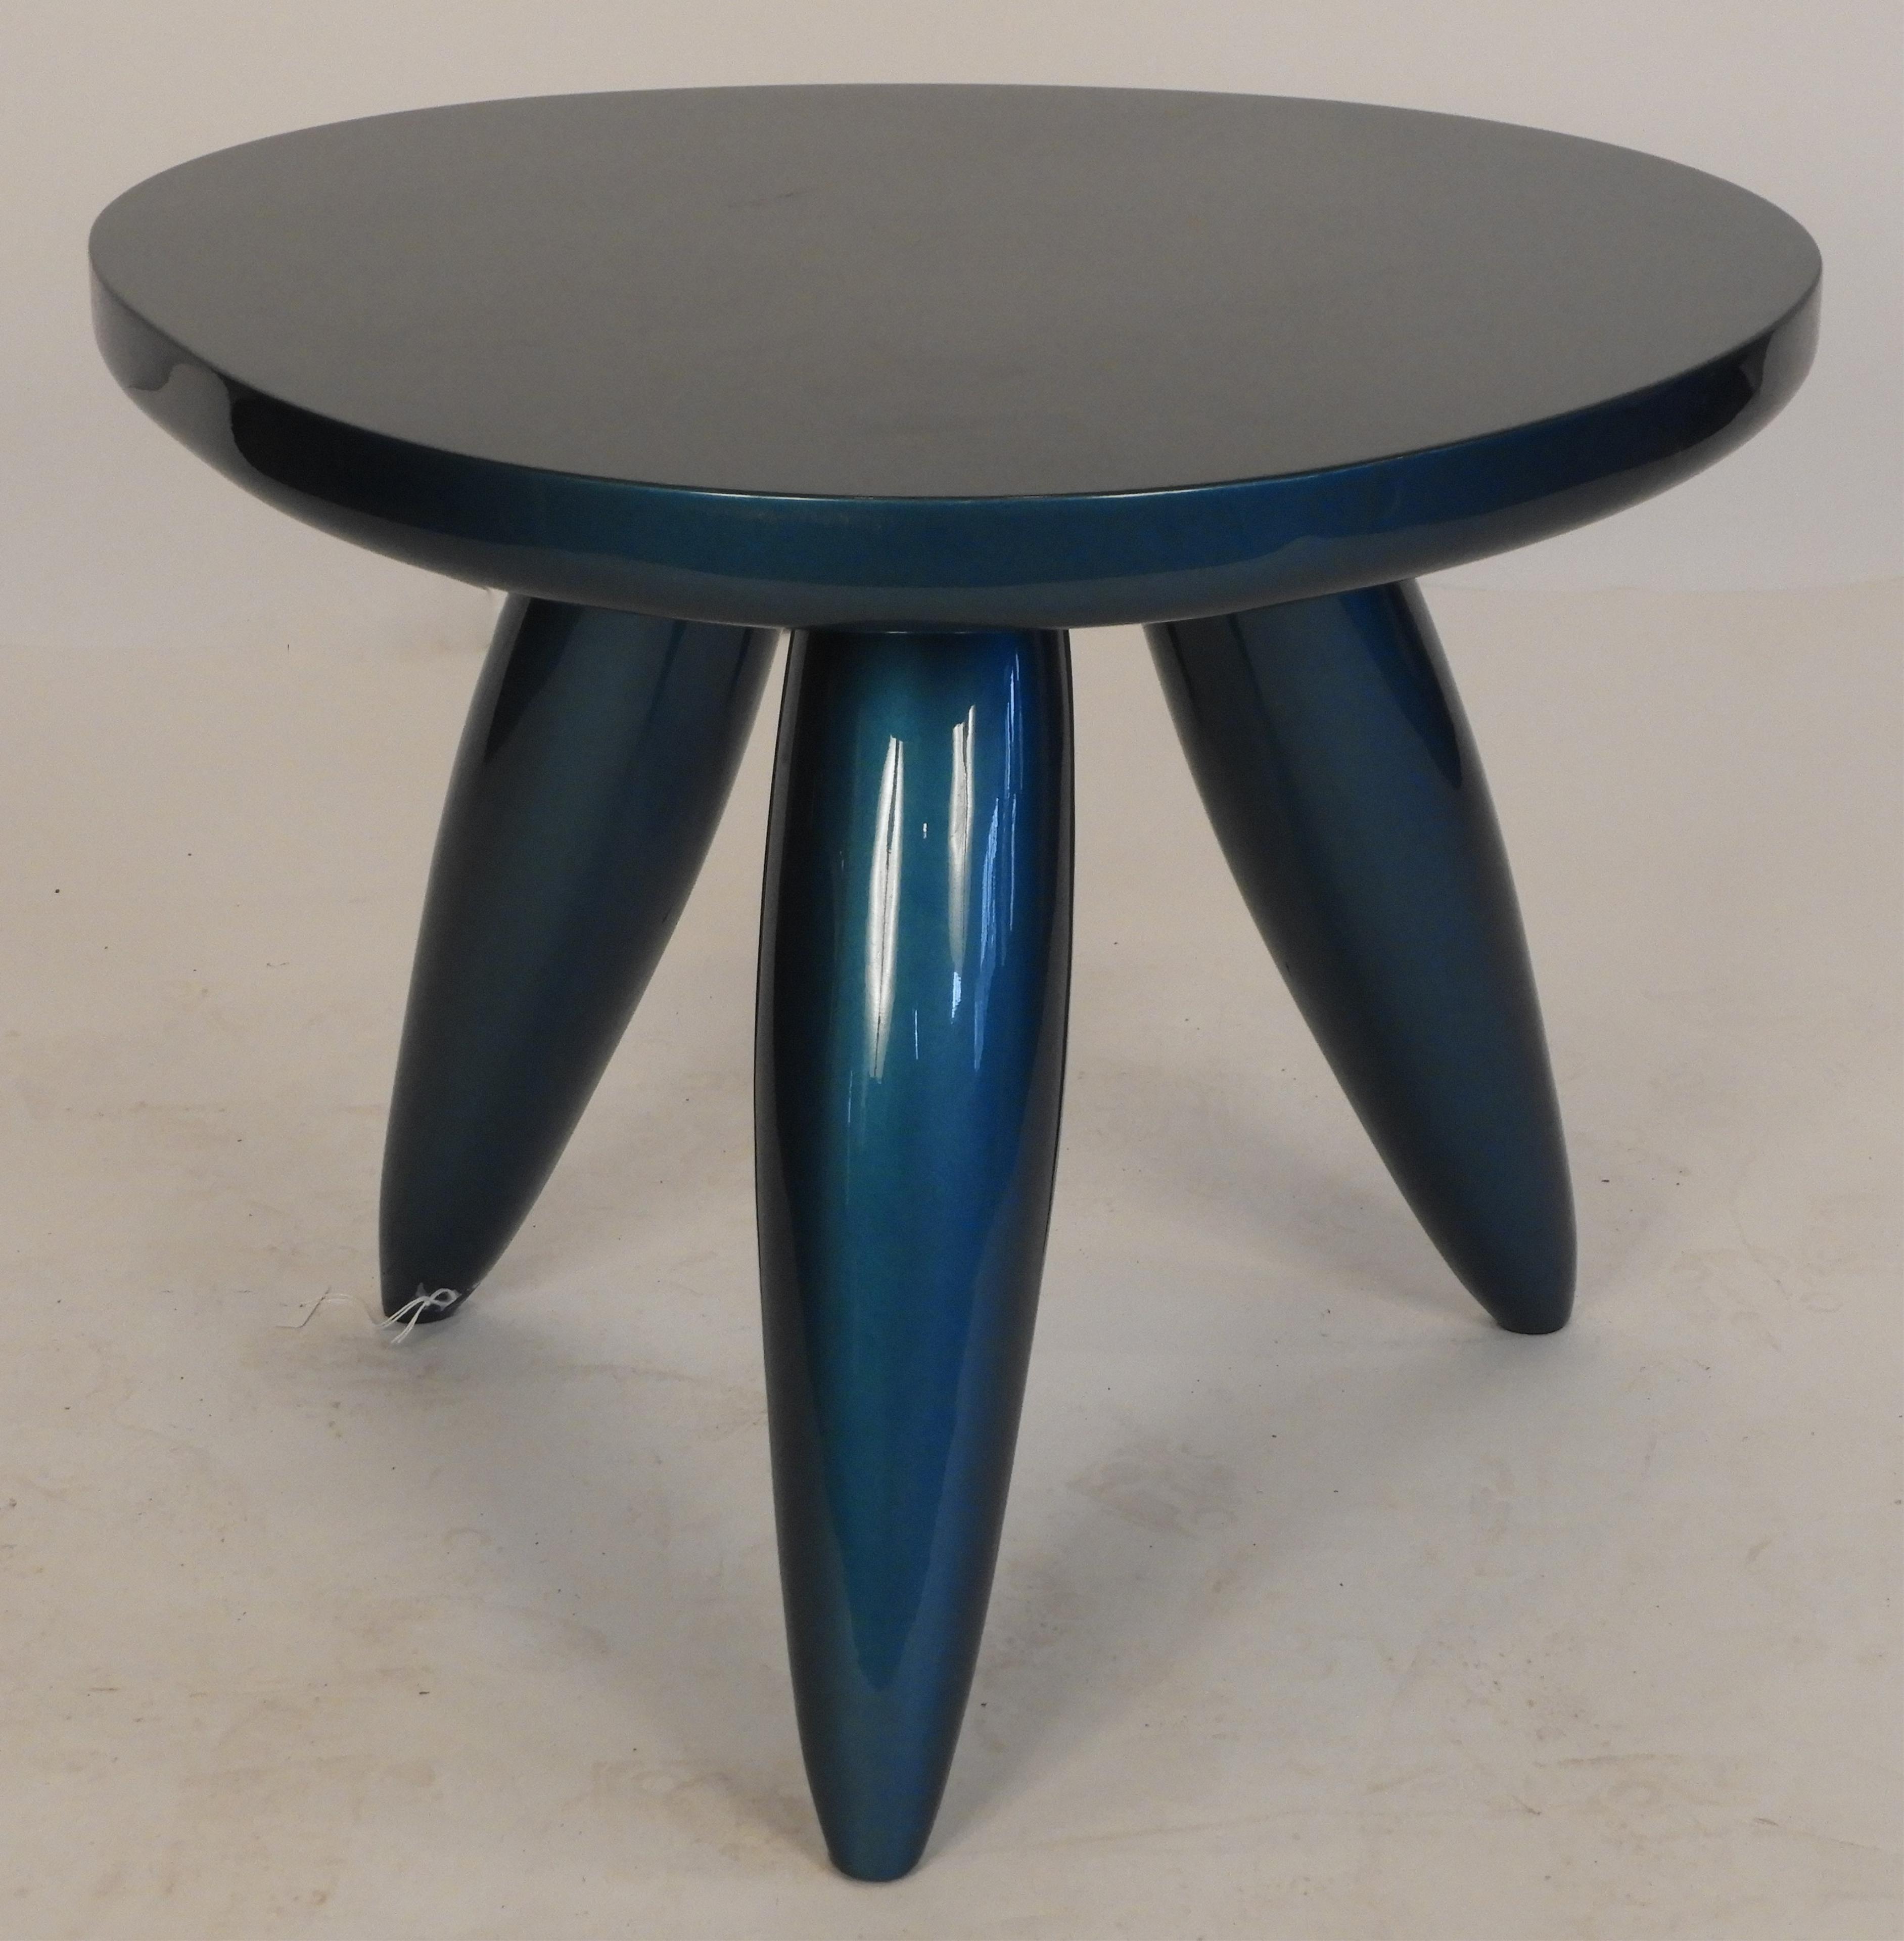 1093 Andrea Fogli For DOM Edizioni Lollo Table